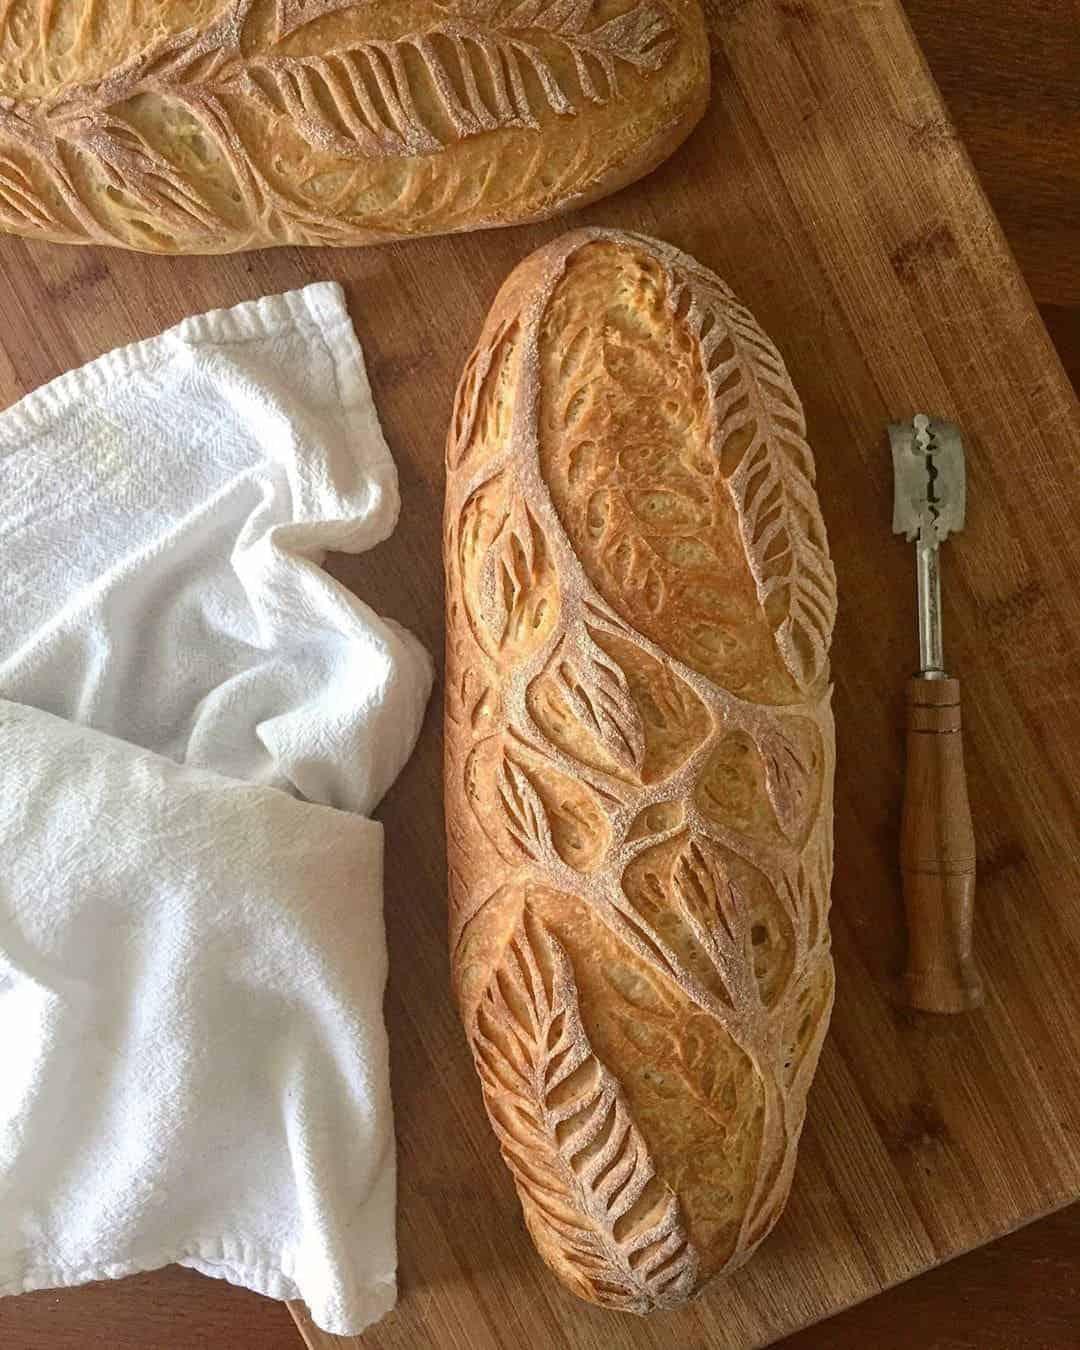 Prachtig brood